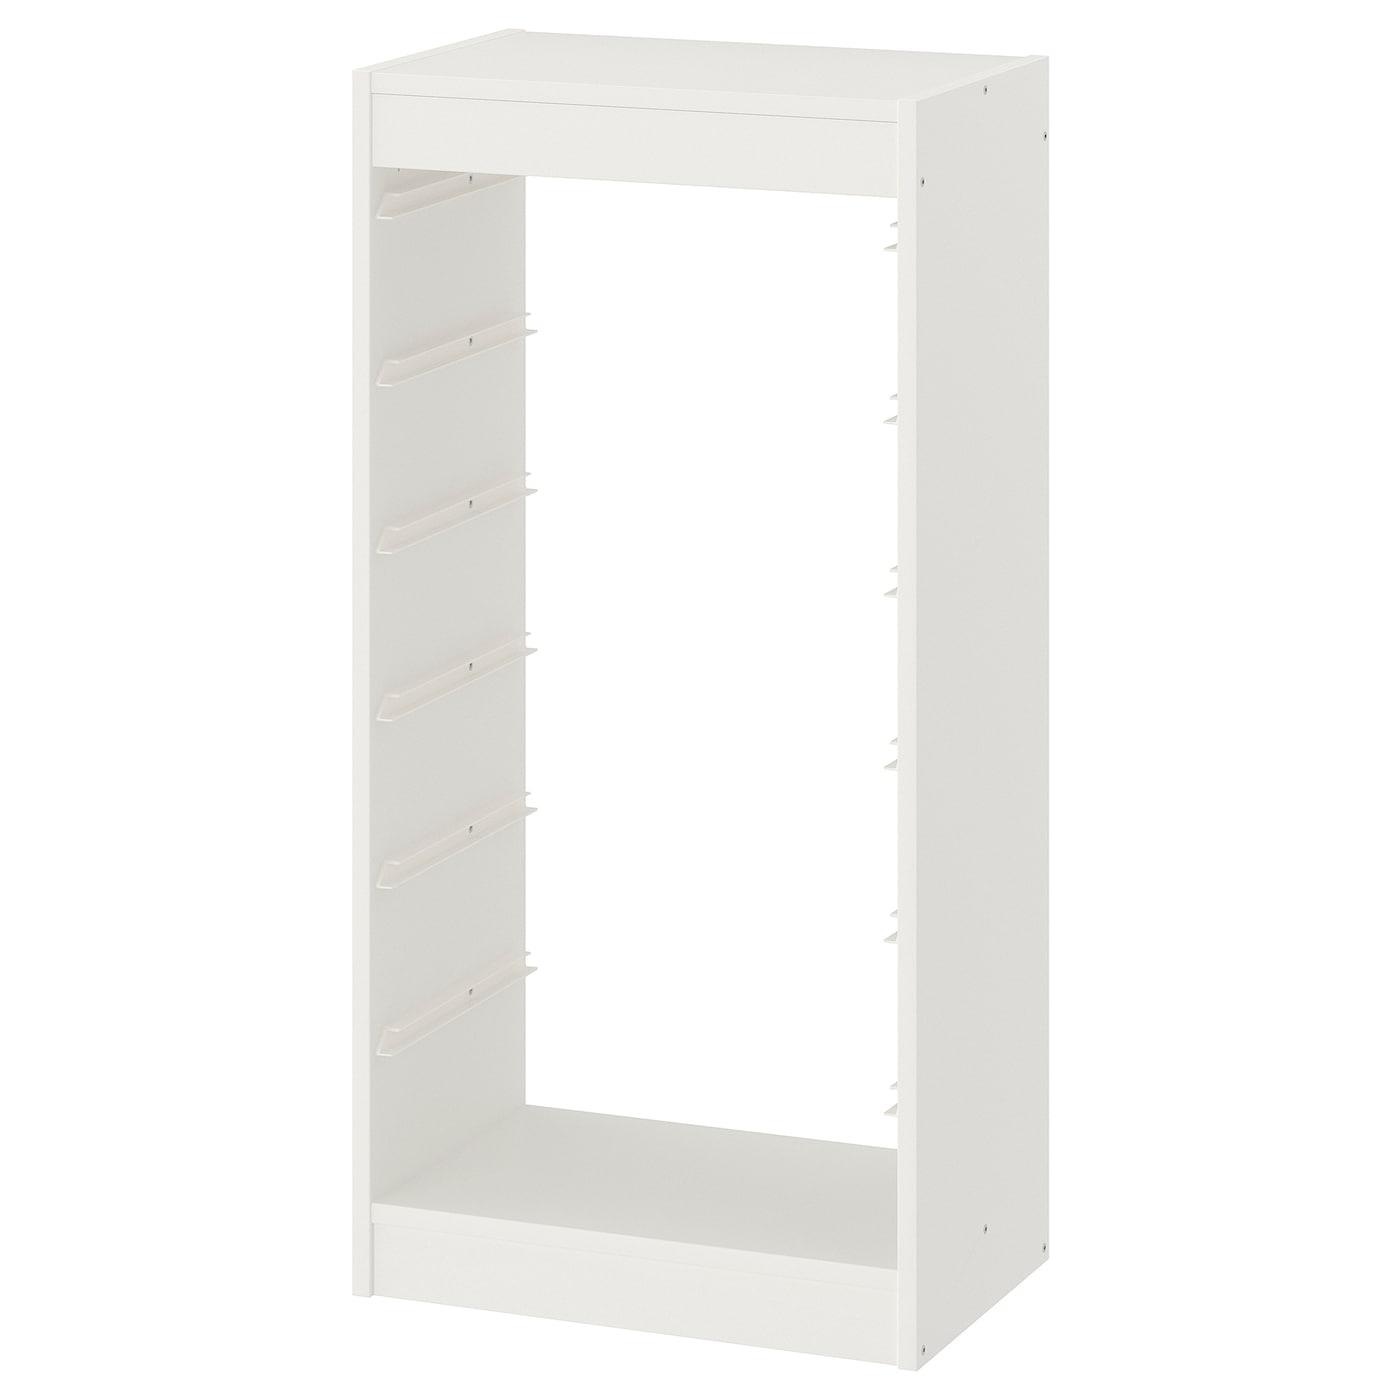 TROFAST Regalrahmen weiß IKEA Österreich